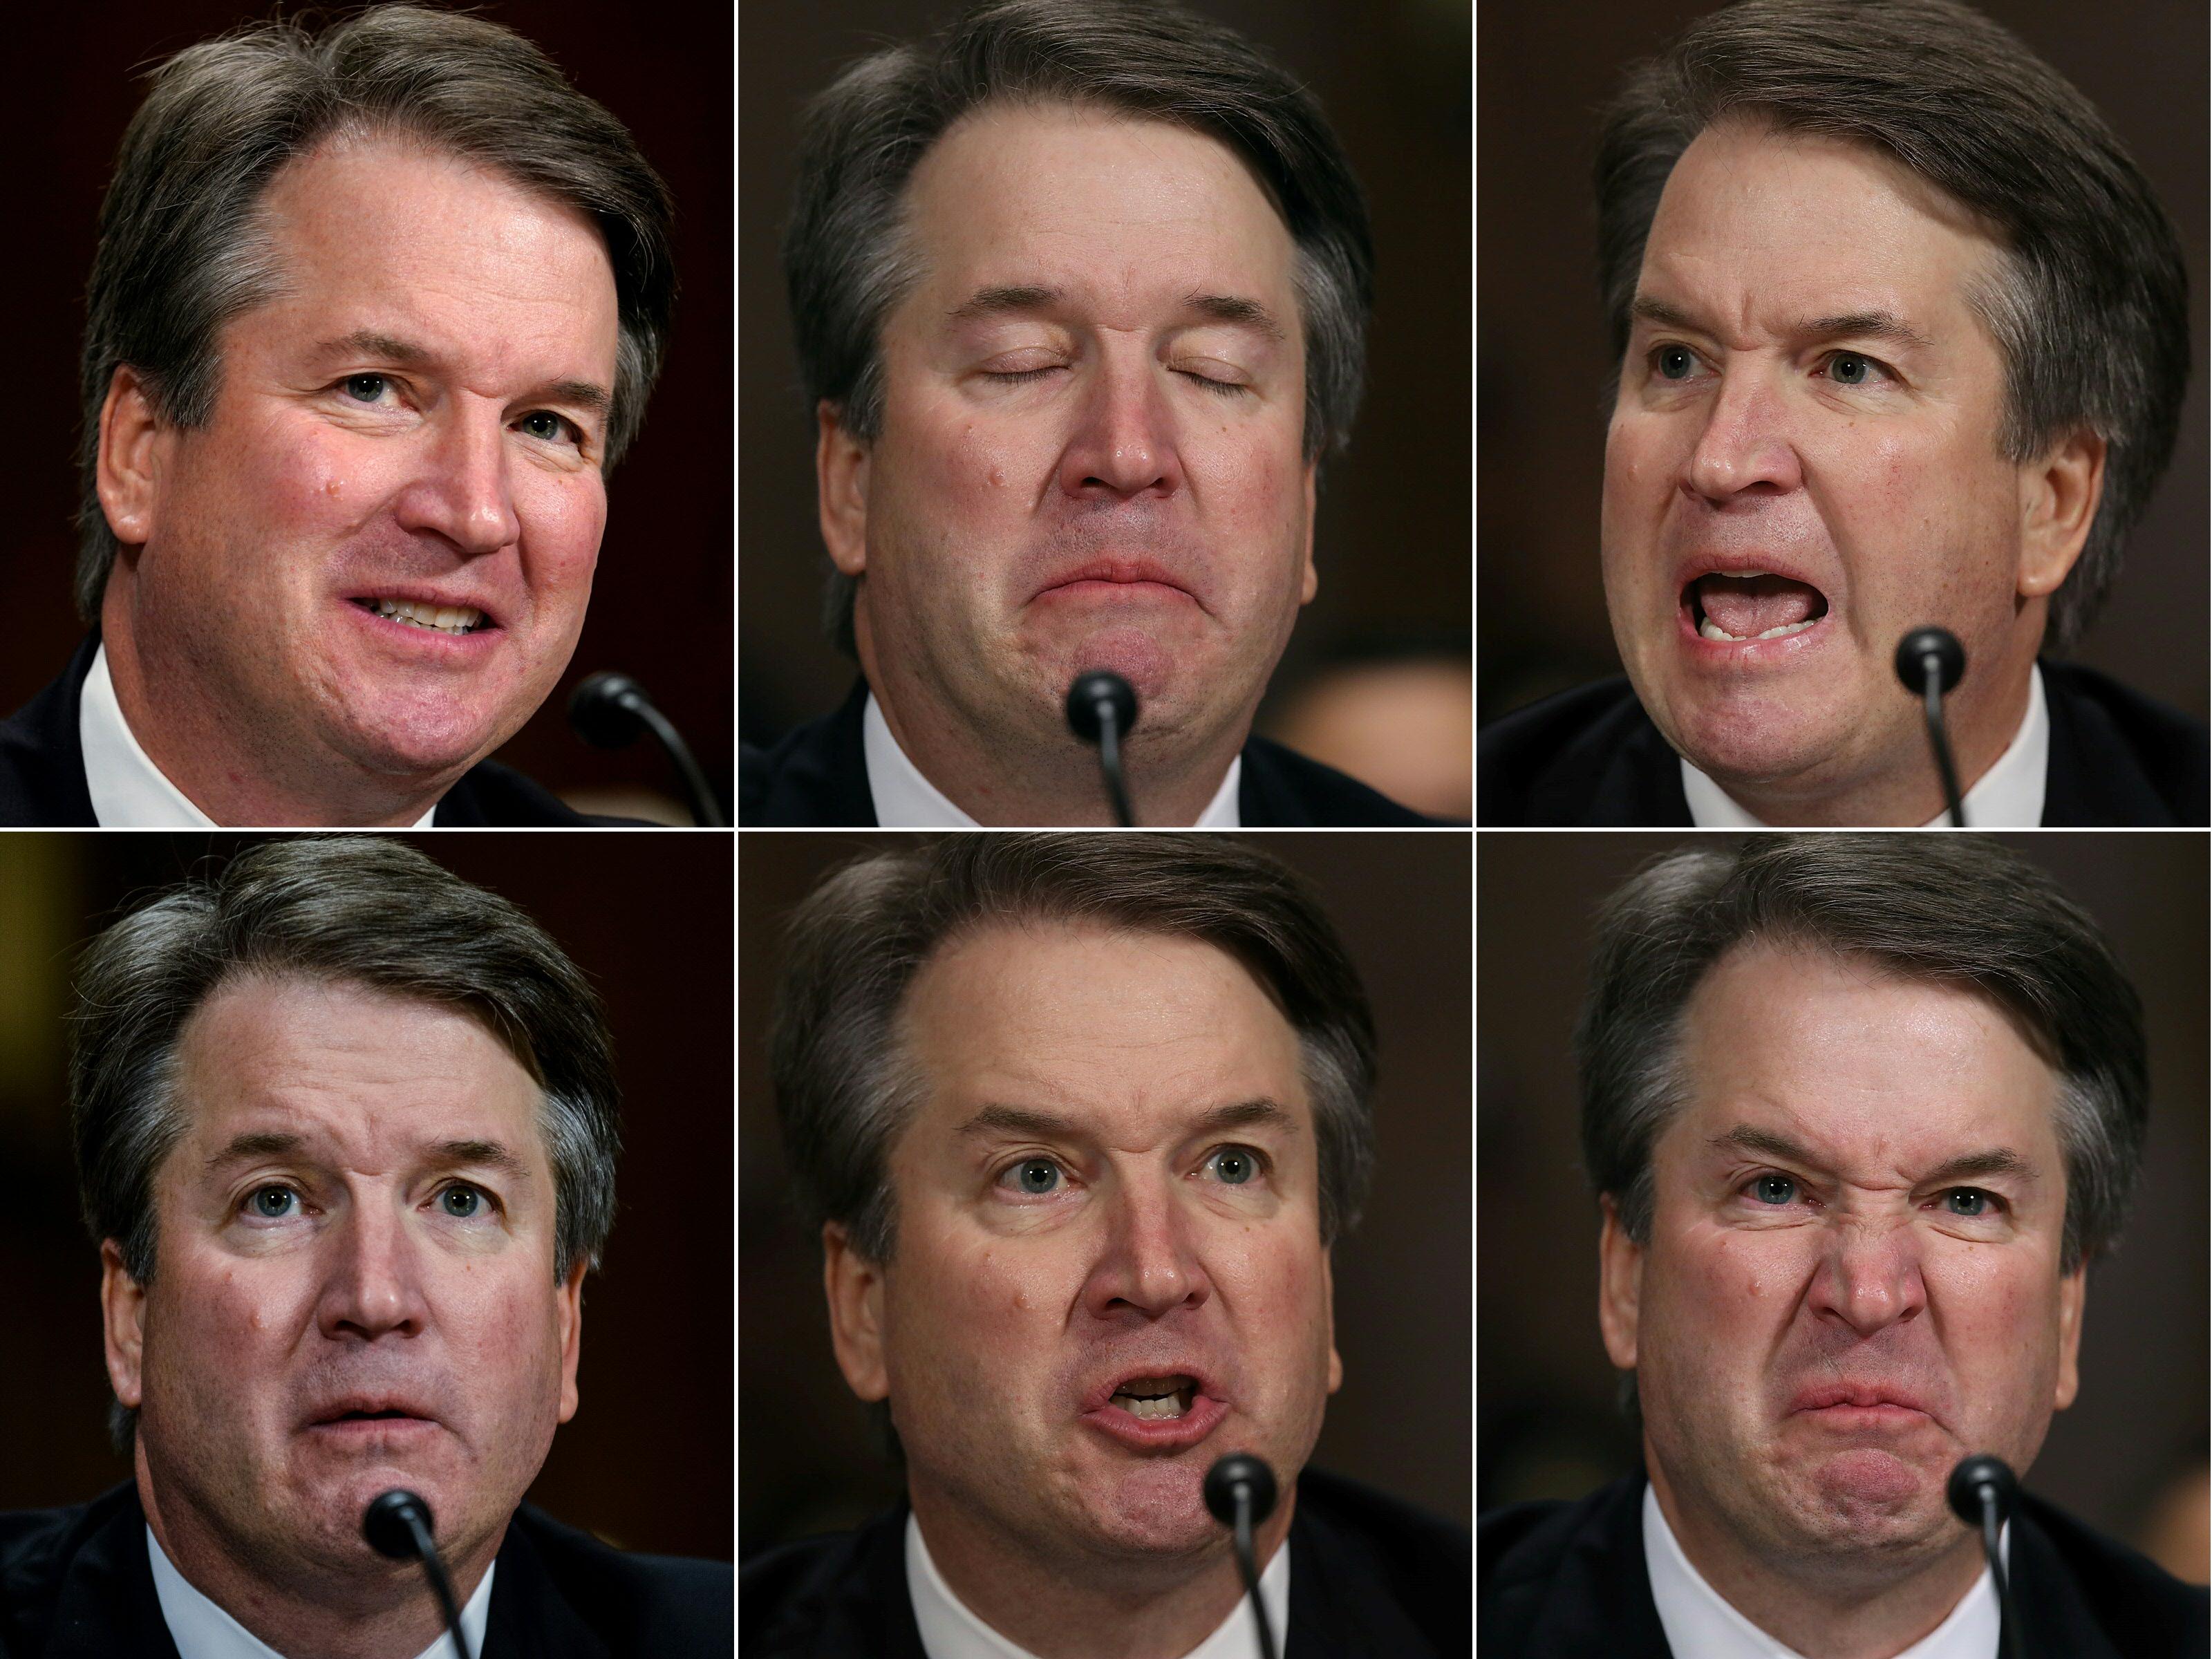 Évtizedek óta nem volt ekkora dráma egy legfelsőbb bírósági jelölt meghallgatásakor